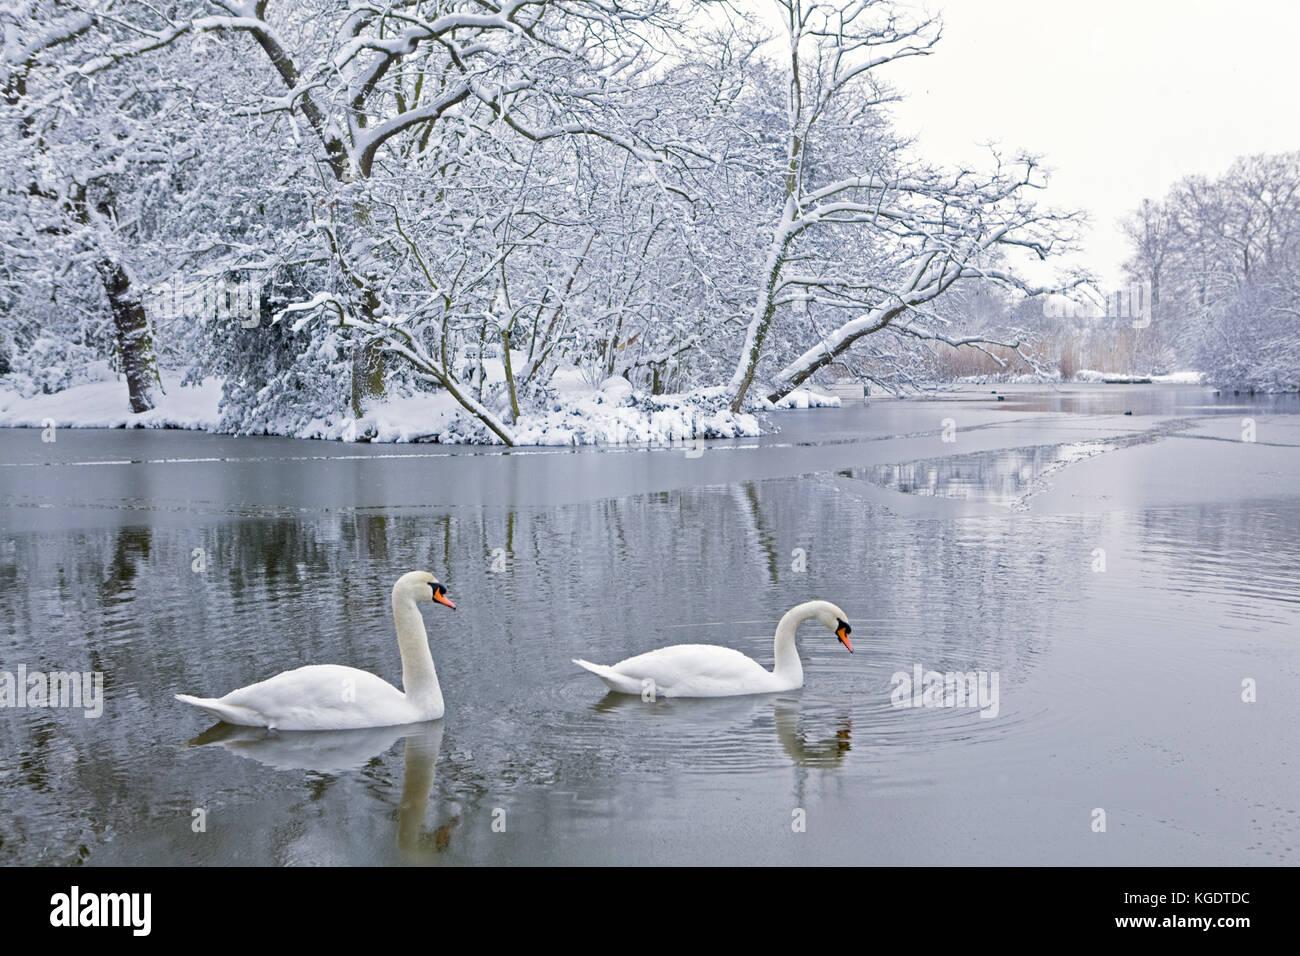 Dos cisnes en el estanque en invierno, streatham common, Londres. Imagen De Stock